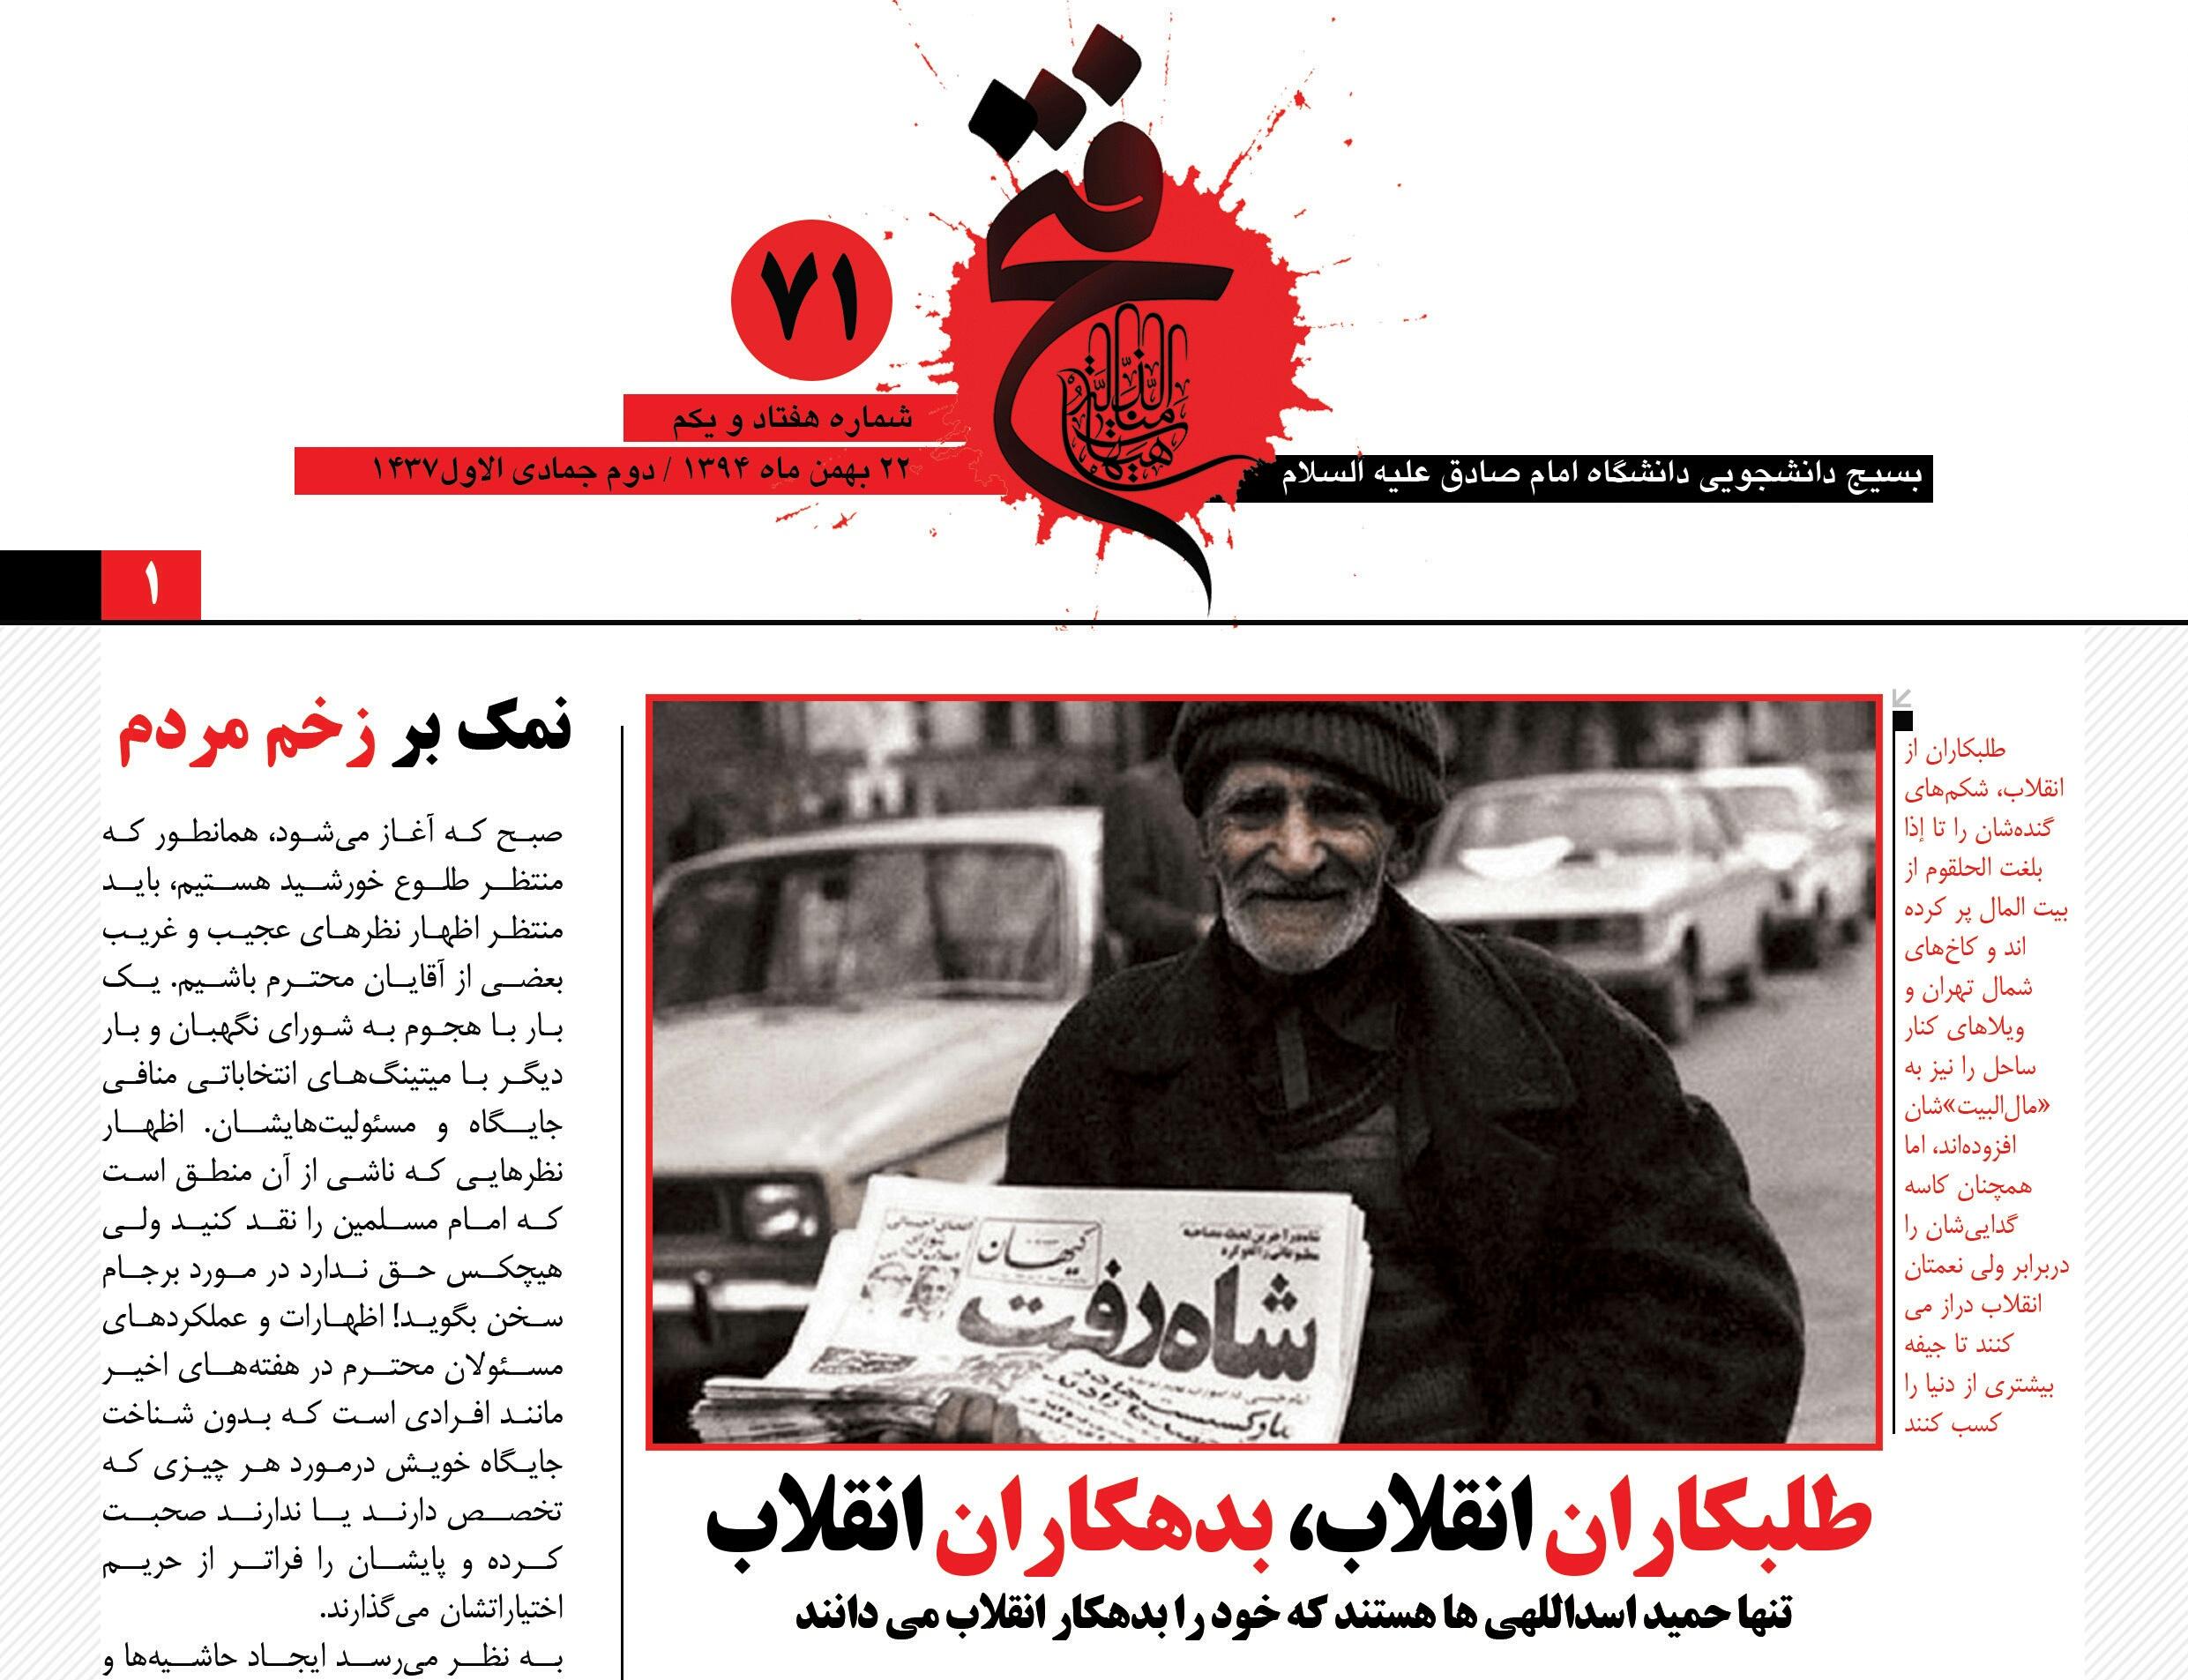 شماره ۷۱ نشریه فتح ویژه نامه ۲۲ بهمن منتشر شد